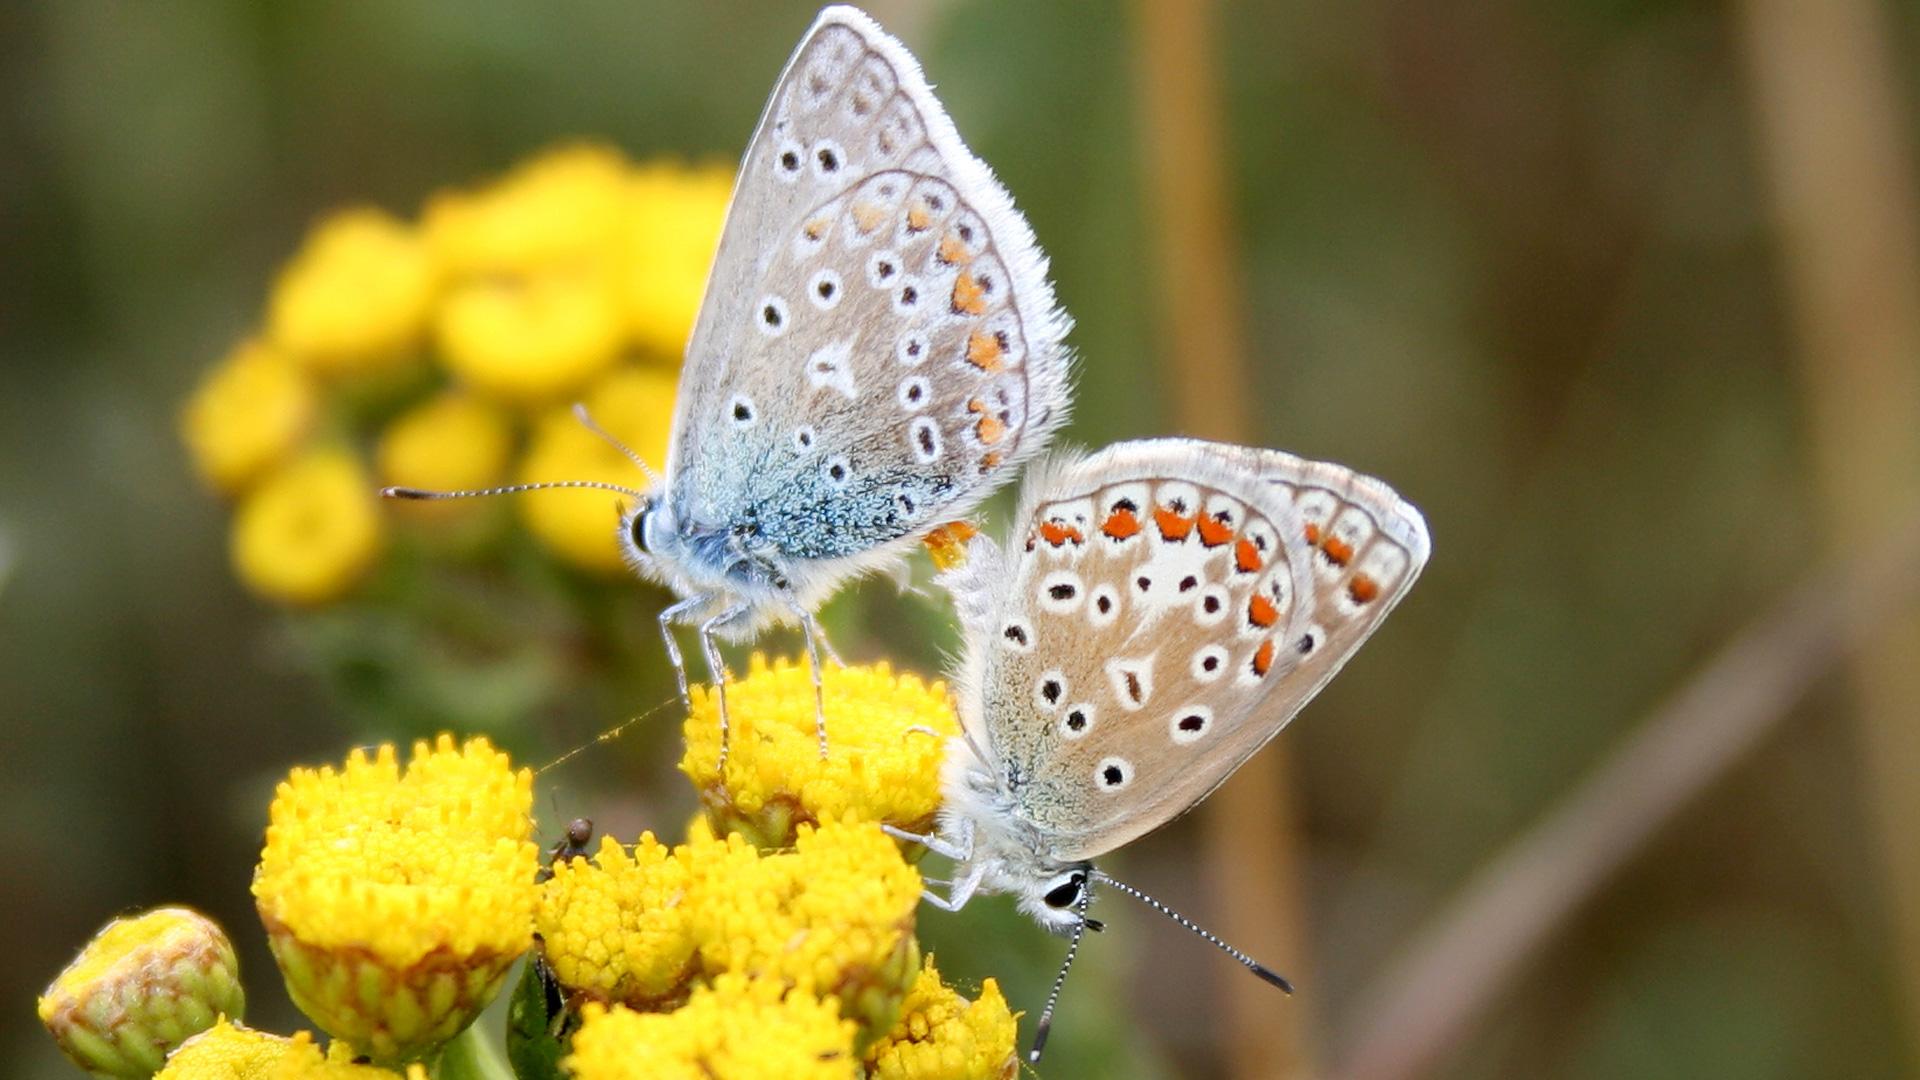 Warum verschwinden unsere Schmetterlinge und was kann jeder selbst tun?